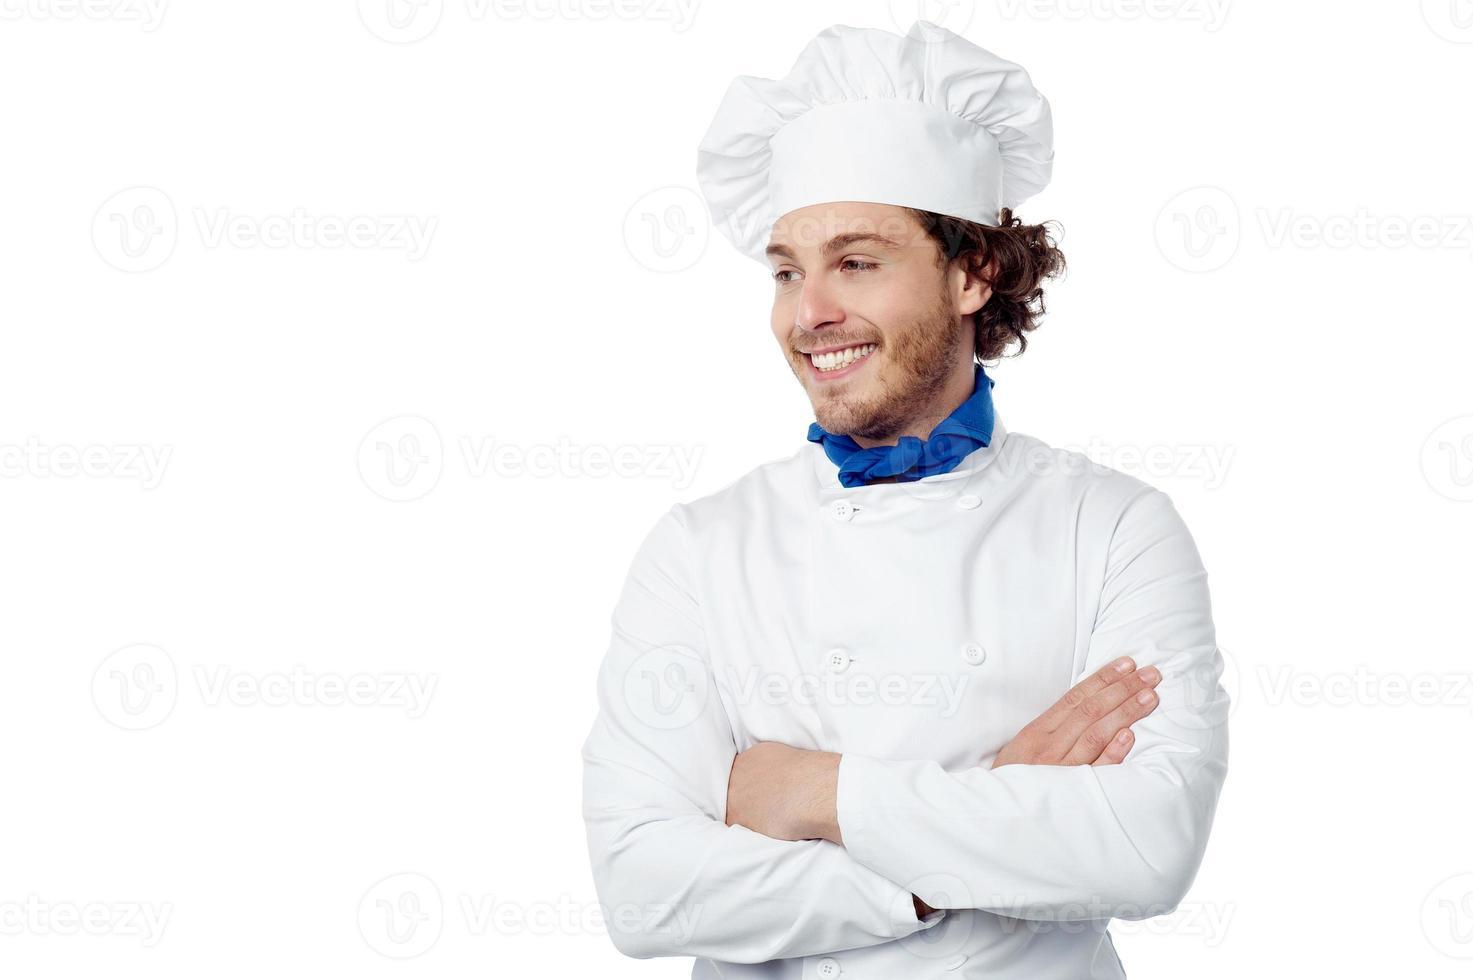 sonriente joven chef masculino posando con confianza foto